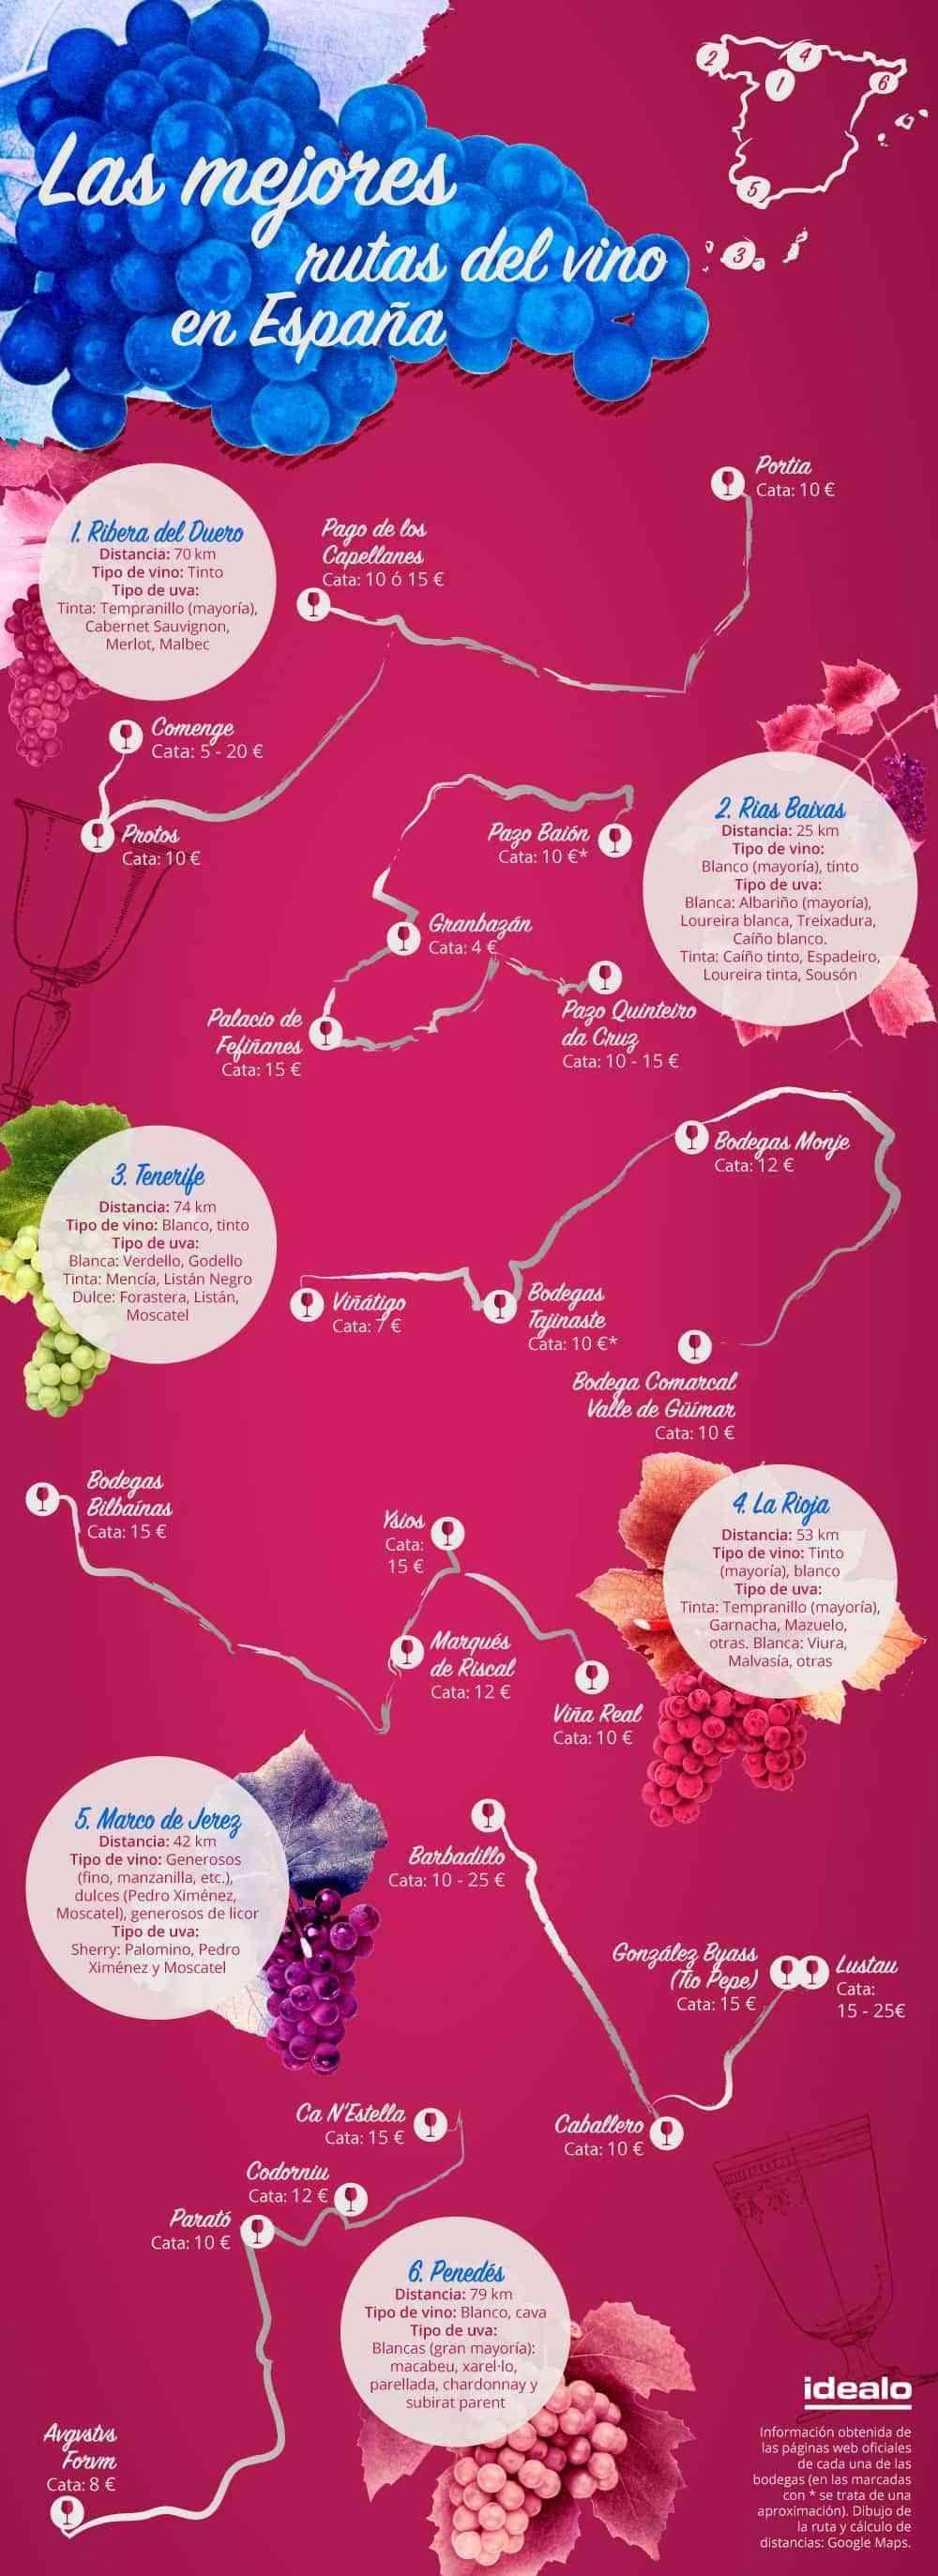 las mejores catas de vino 6 rutas de enoturismo en espana 3